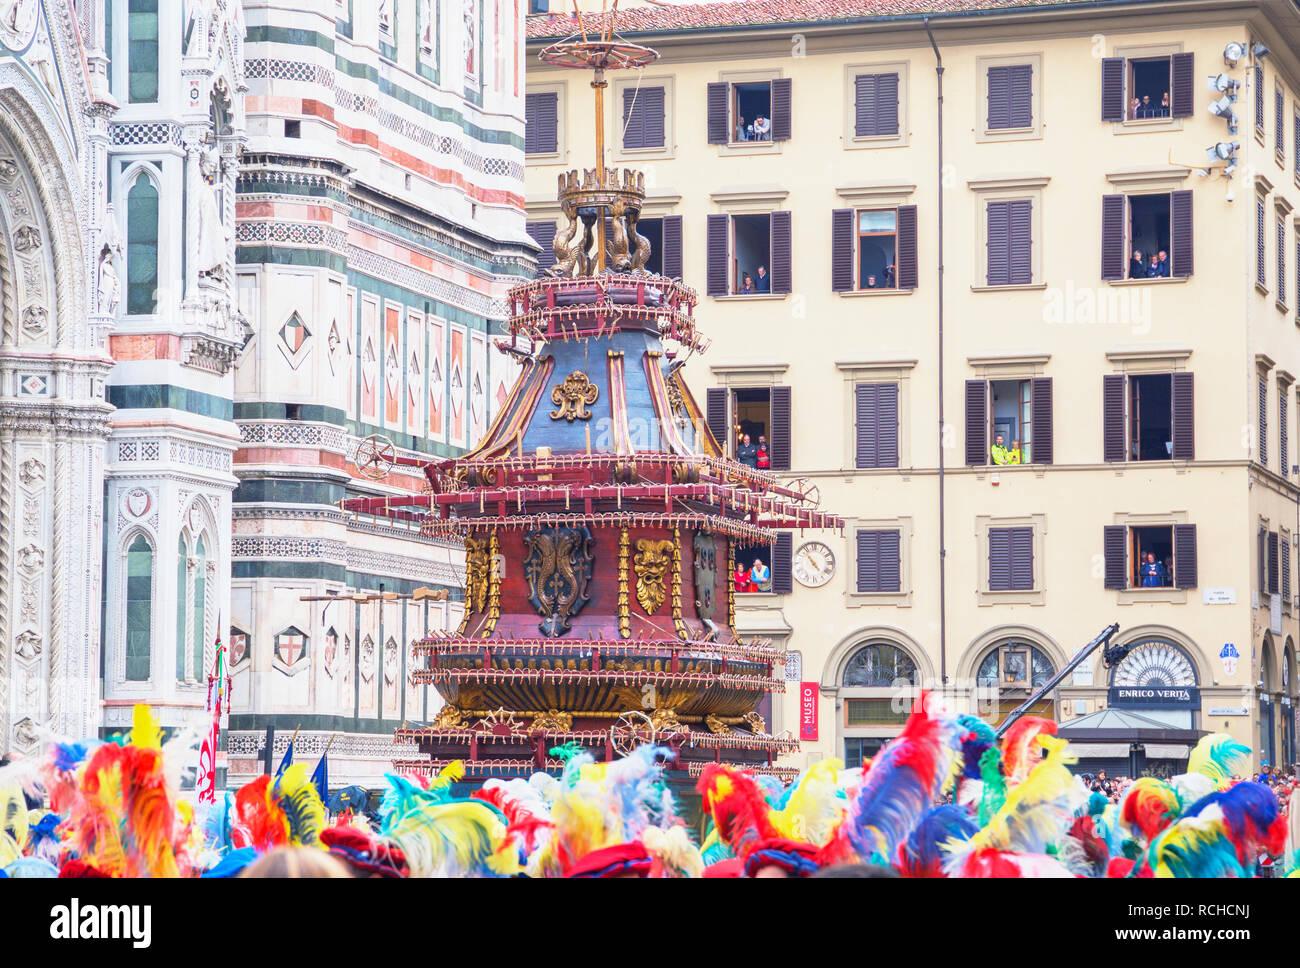 Explosión del carro festival, la Piazza del Duomo, Florencia, Toscana, Italia, Europa Imagen De Stock